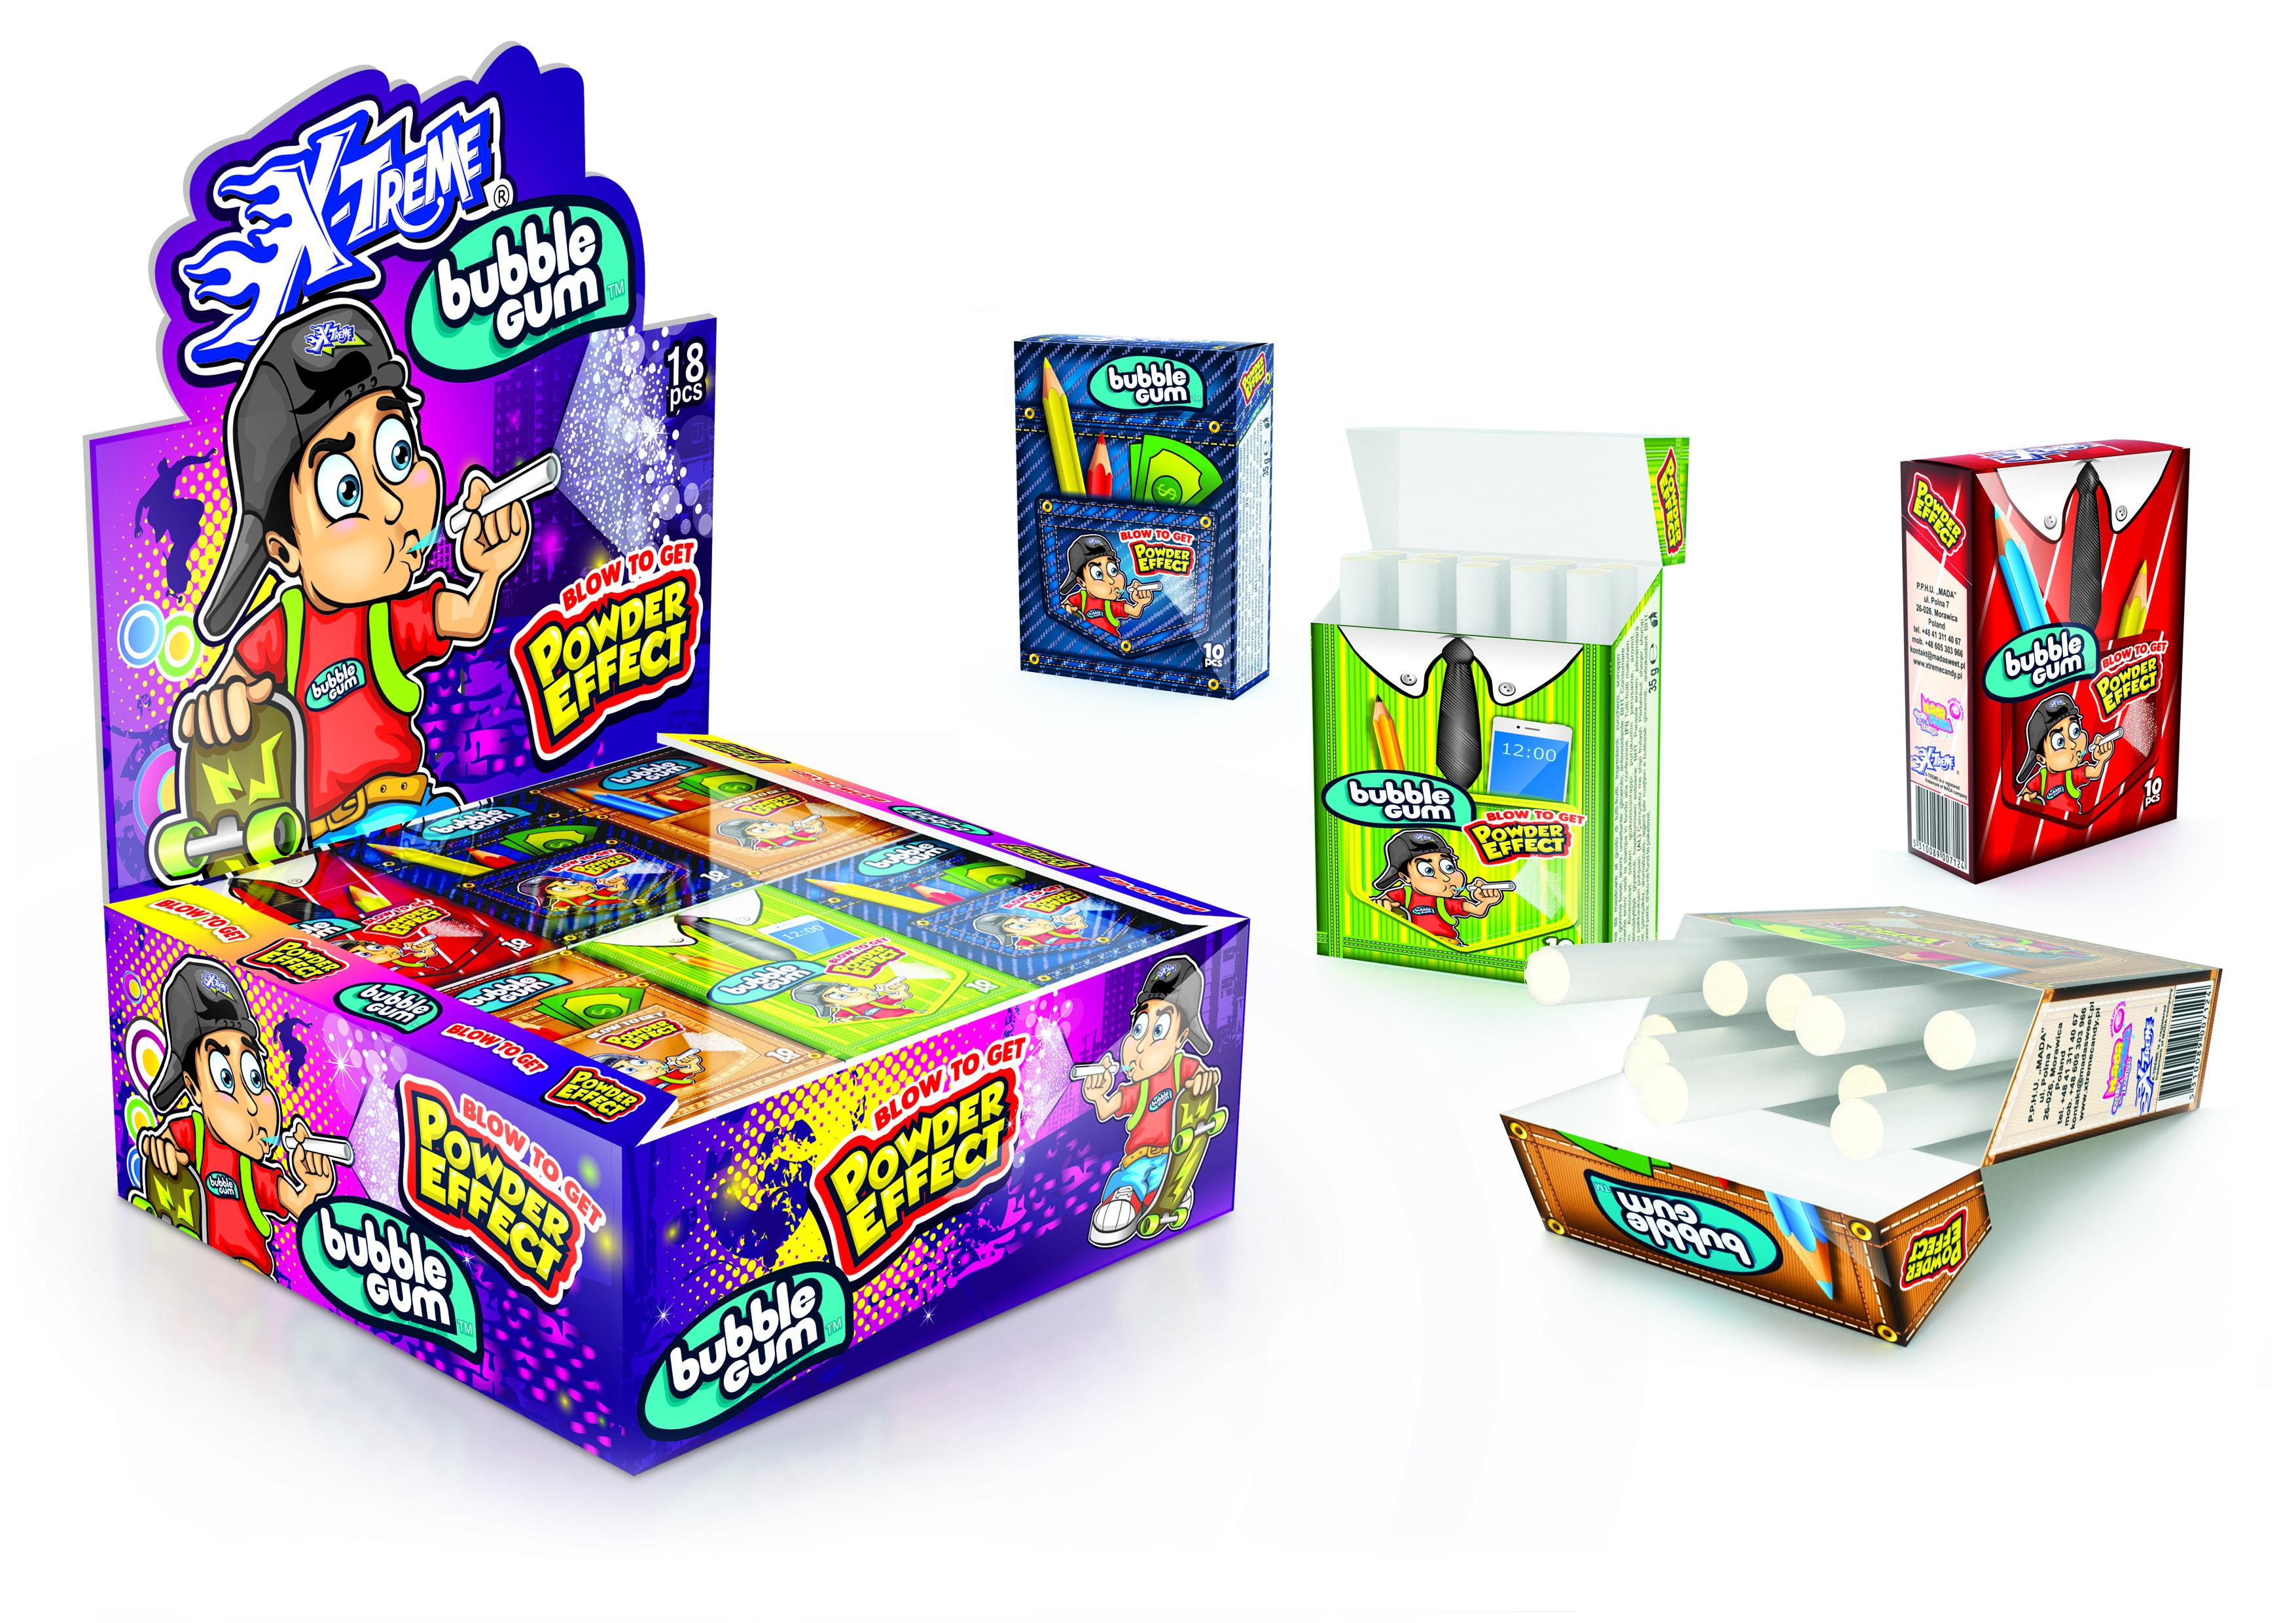 X-TREME BUBBLE GUM+POWDER EFFECT (chewing-gums cigarette)